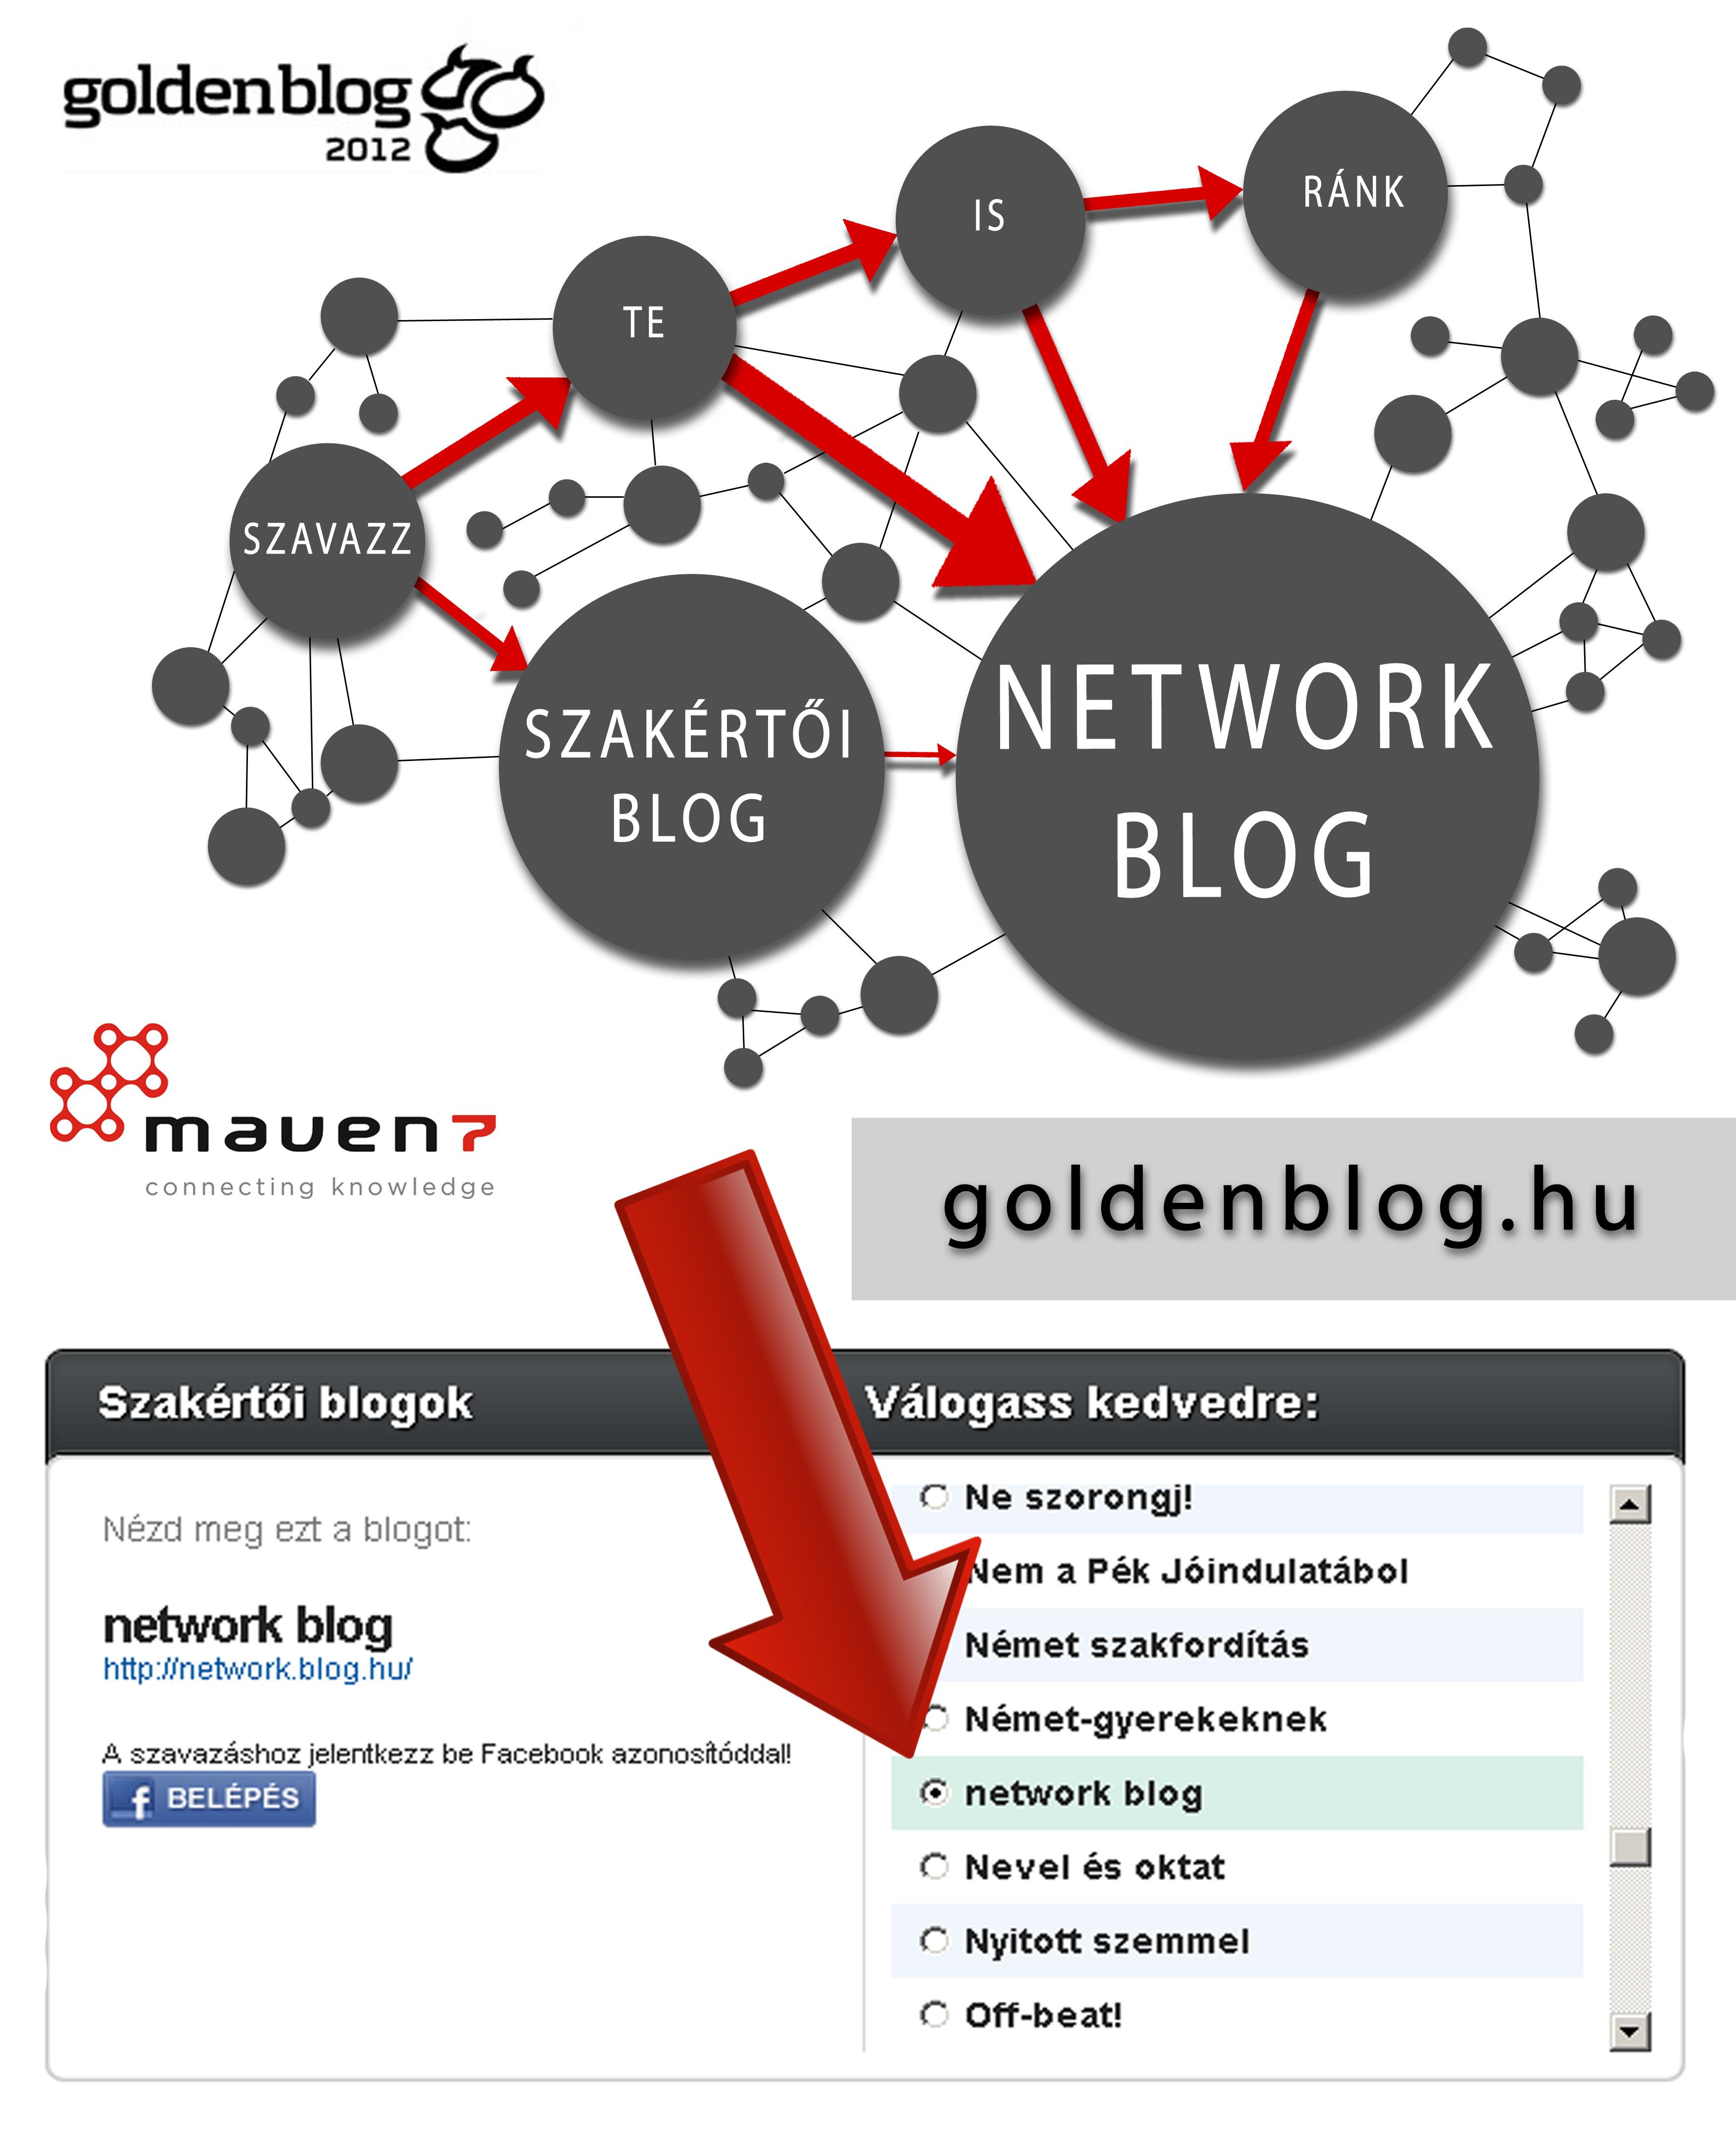 goldenblog_02_1346165871.jpg_3508x4323